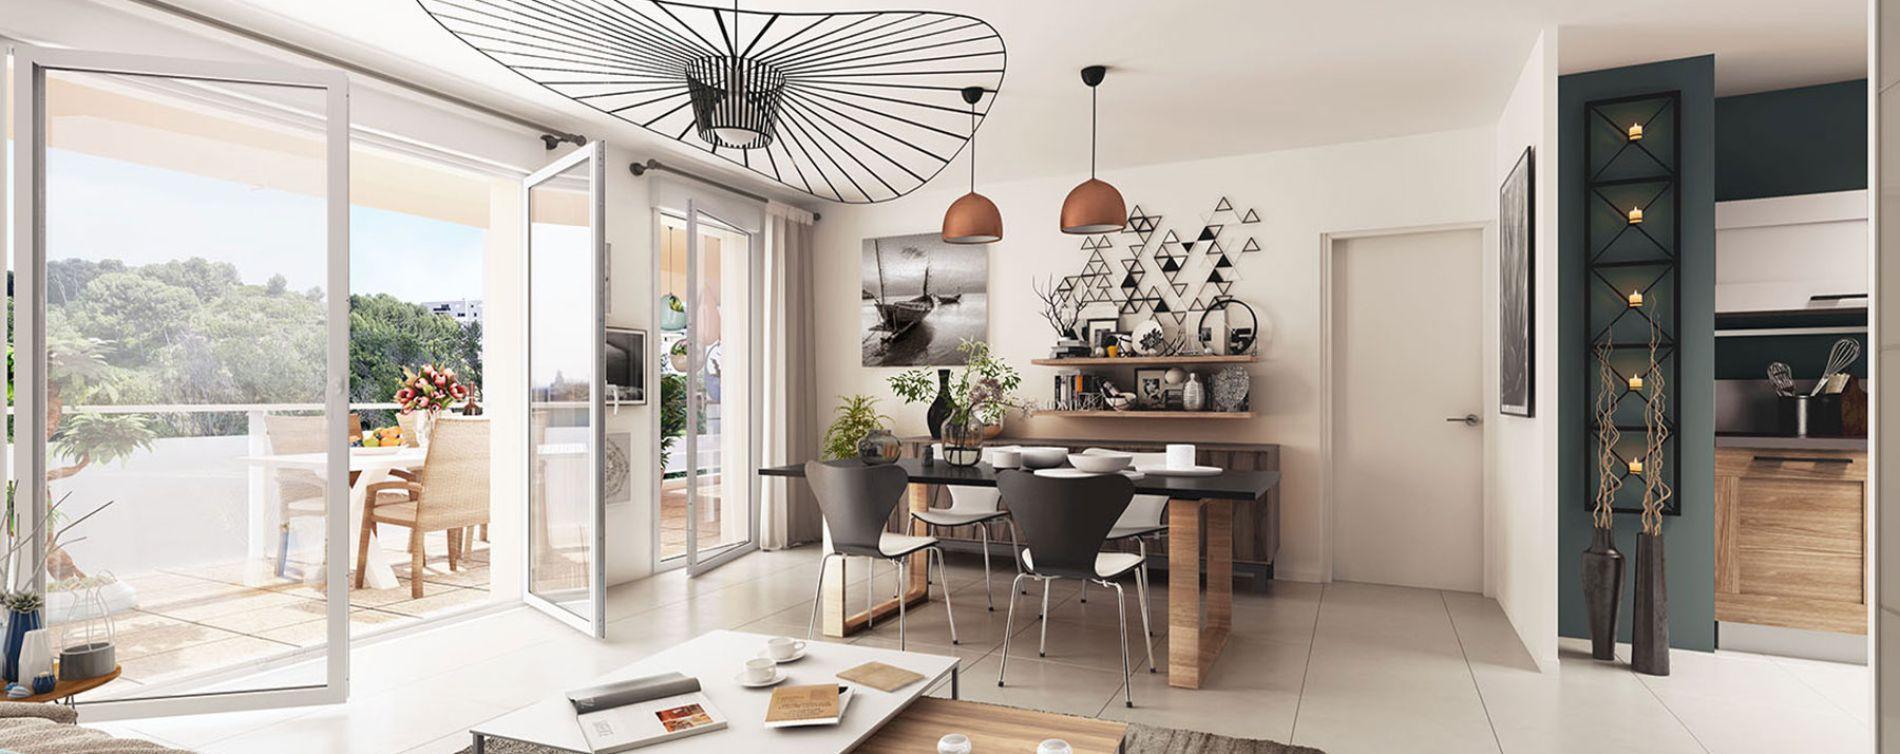 Bellegarde-sur-Valserine : programme immobilier neuve « Valserin » (3)